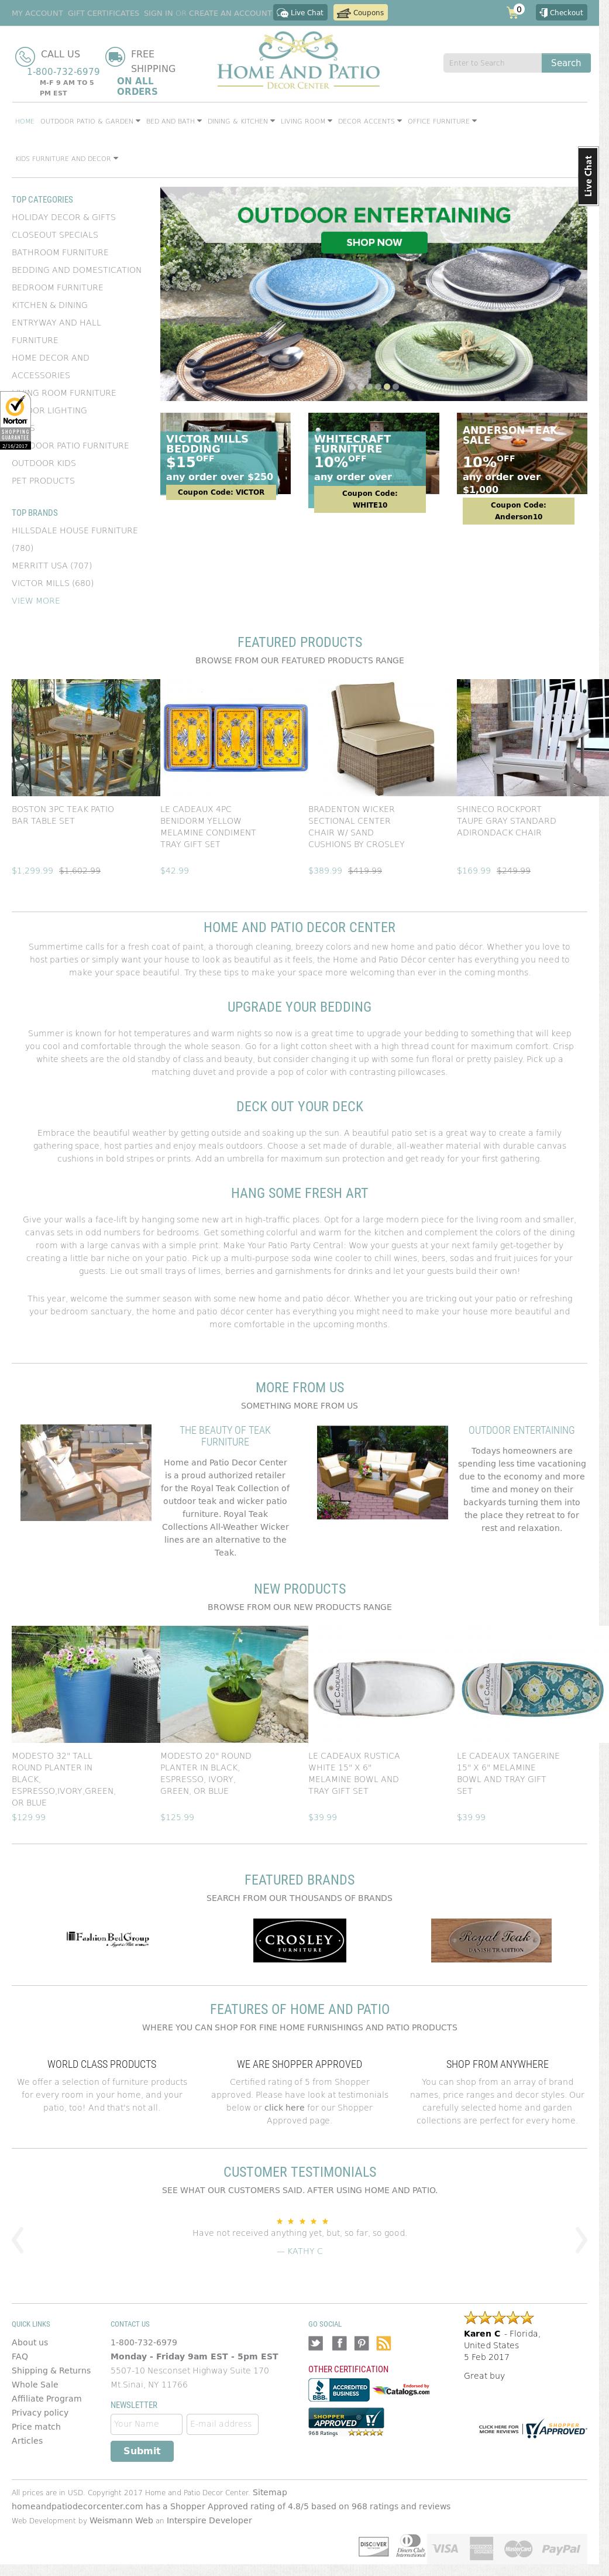 Home And Patio Decor Center Website History